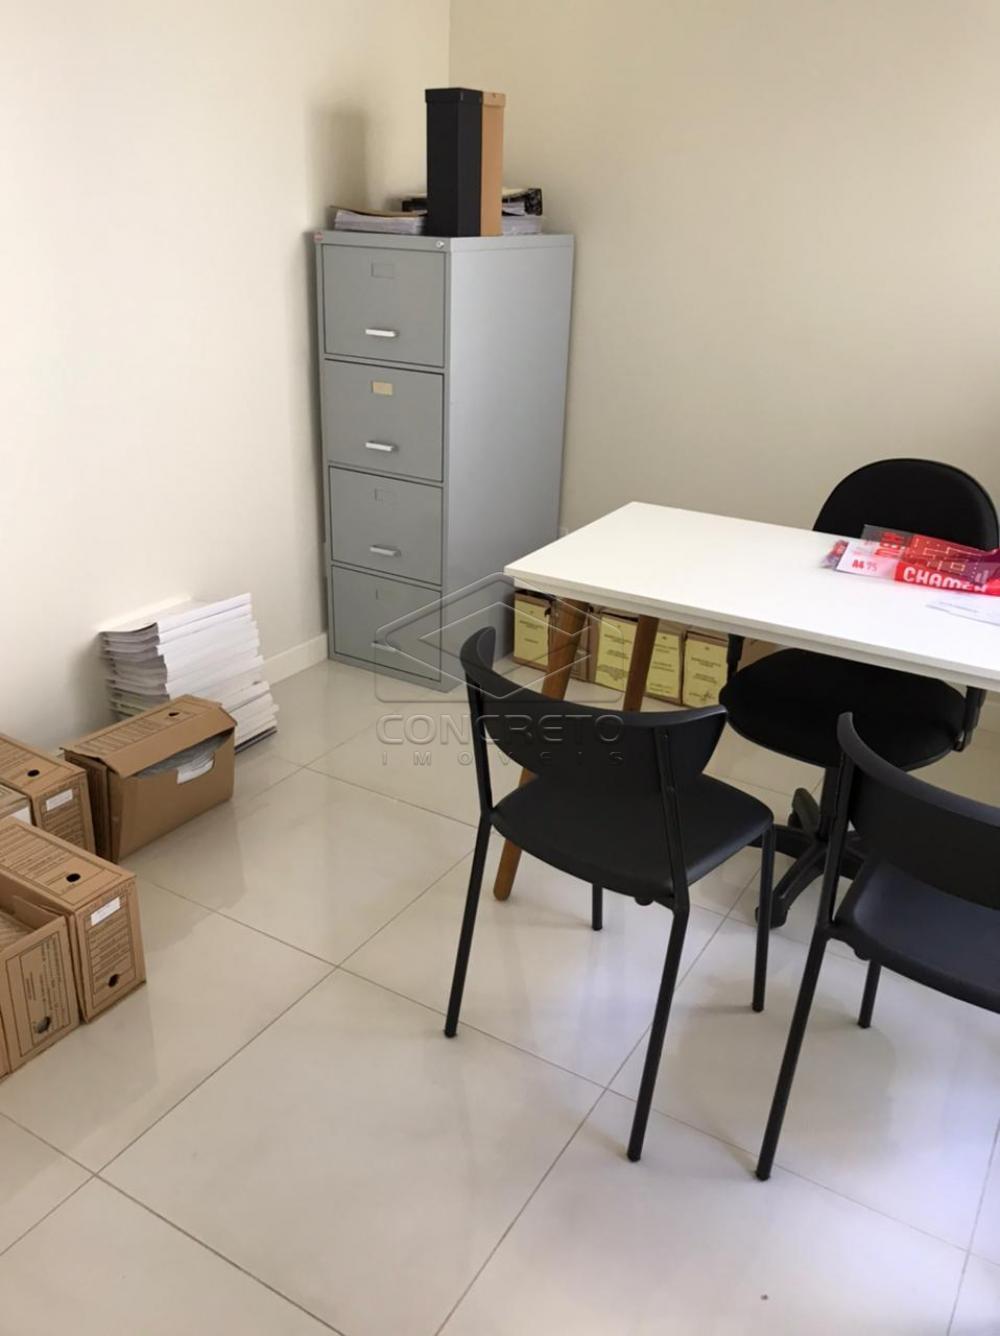 Comprar Comercial / Barracão em Jaú apenas R$ 600.000,00 - Foto 13